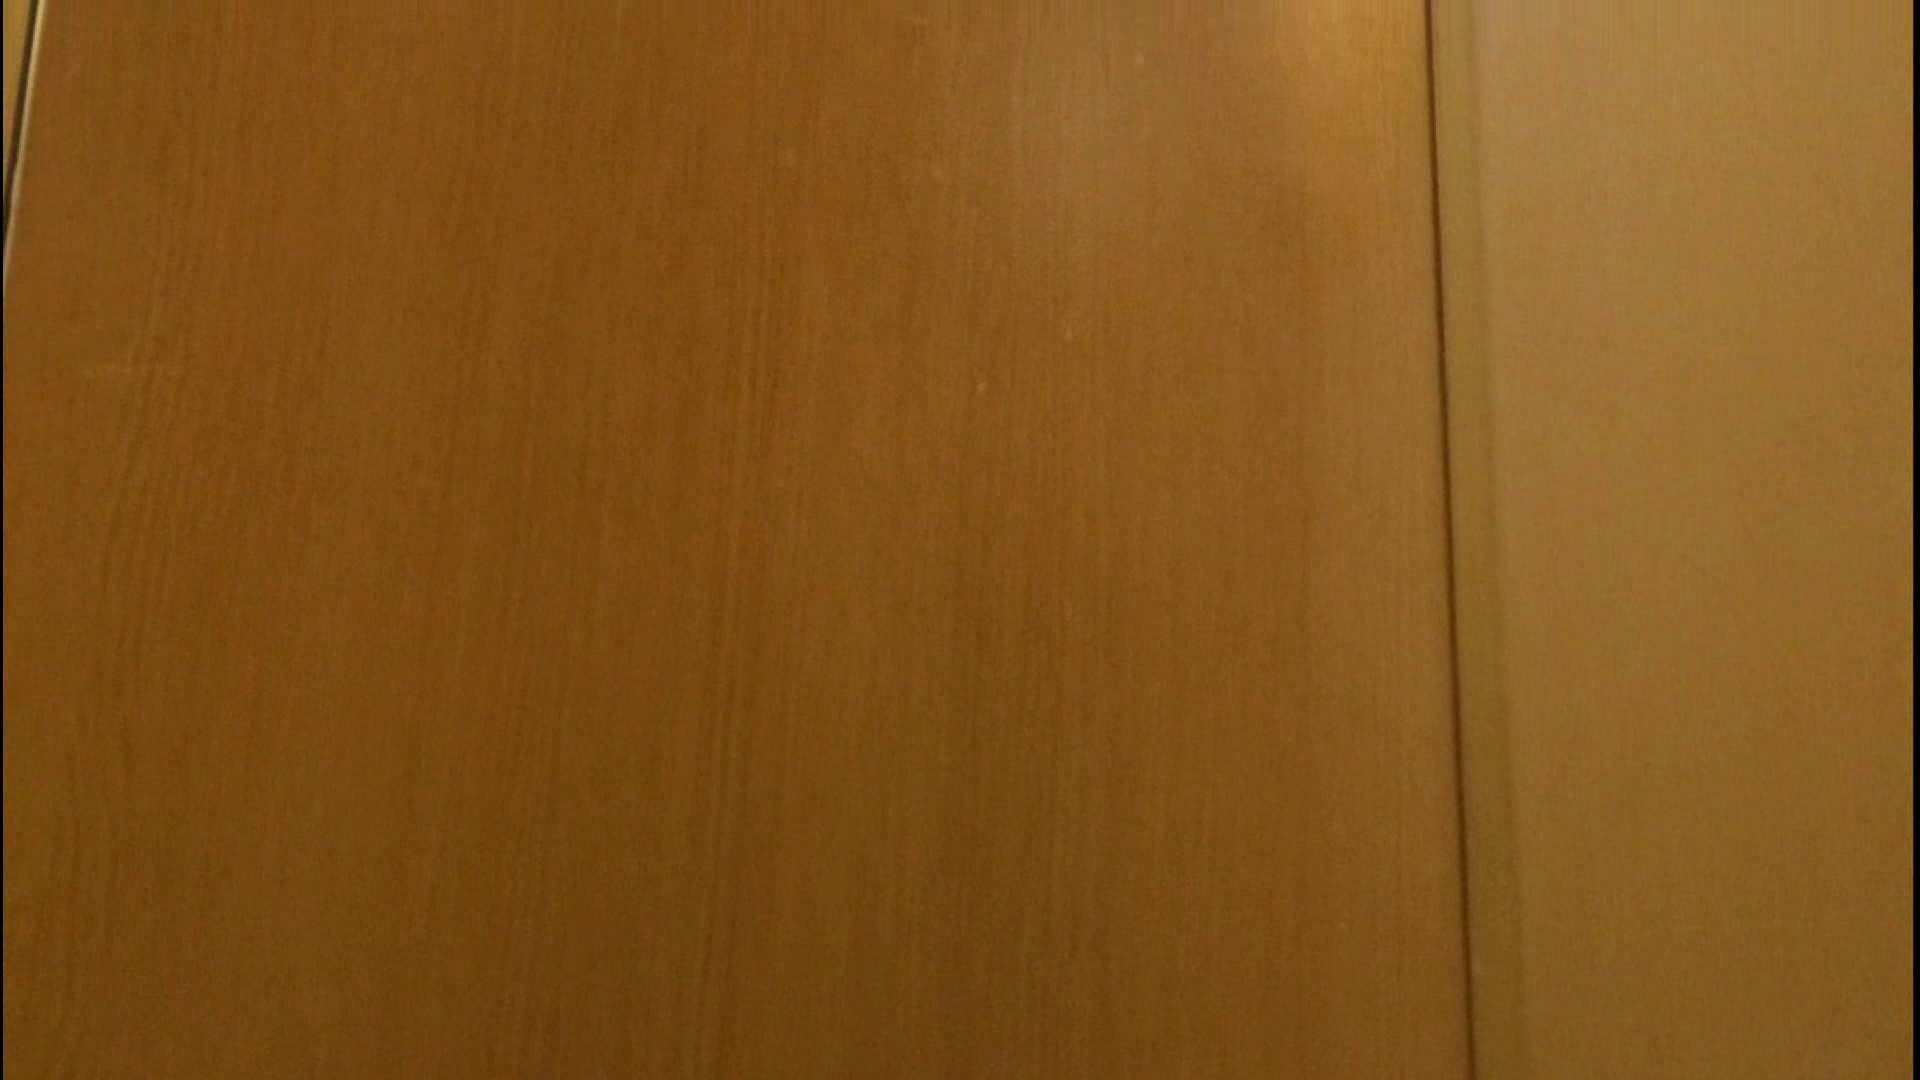 「噂」の国の厠観察日記2 Vol.13 人気シリーズ | HなOL  60pic 11